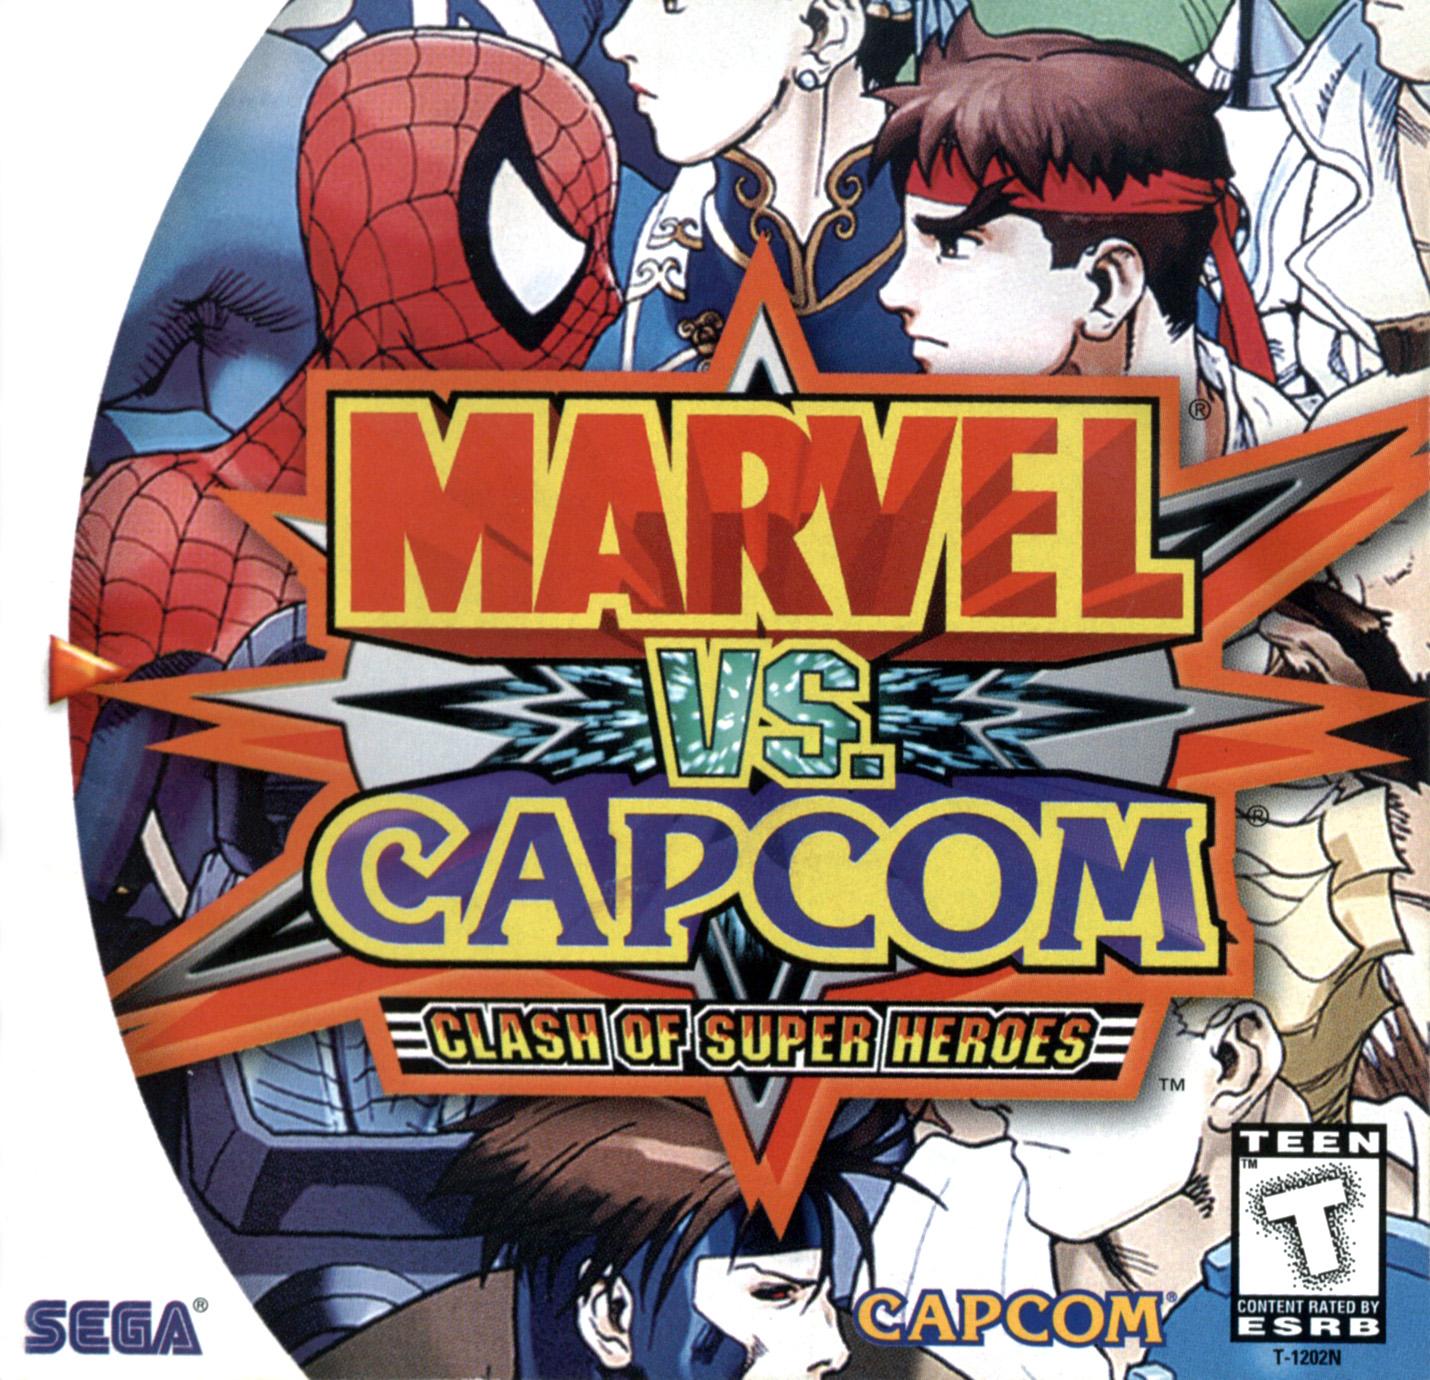 Marvel Vs Capcom Dreamcast Game